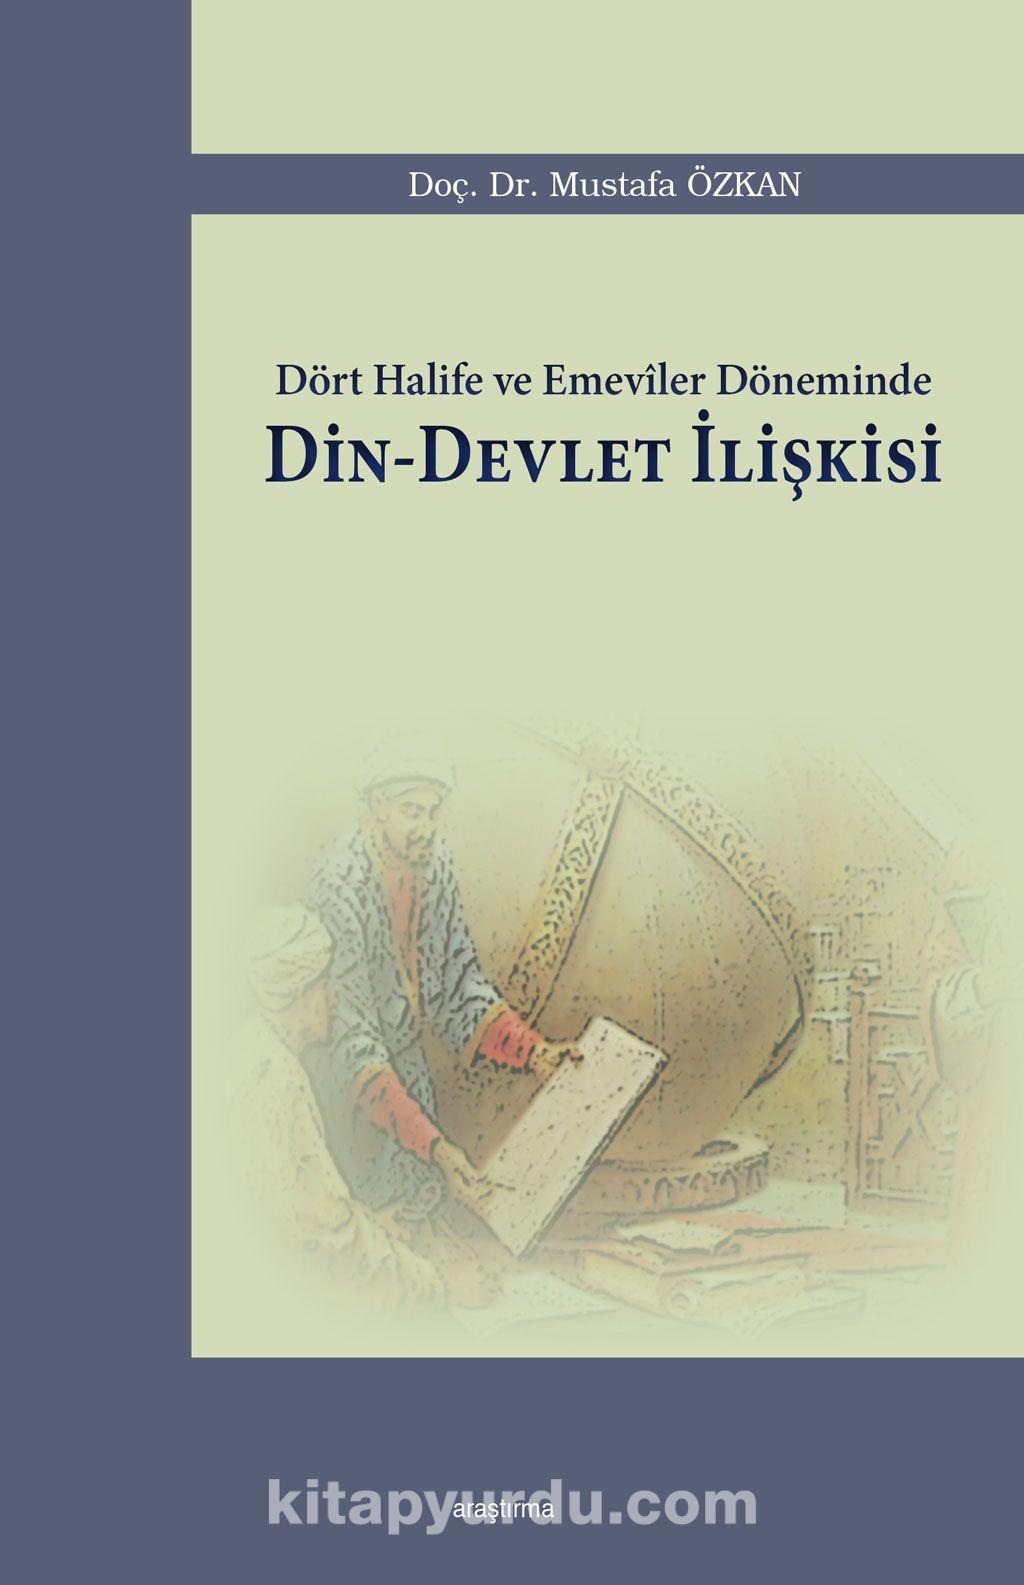 Dört Halife ve Emeviler Döneminde Din-Devlet İlişkisi - Prof. Dr. Mustafa Özkan pdf epub